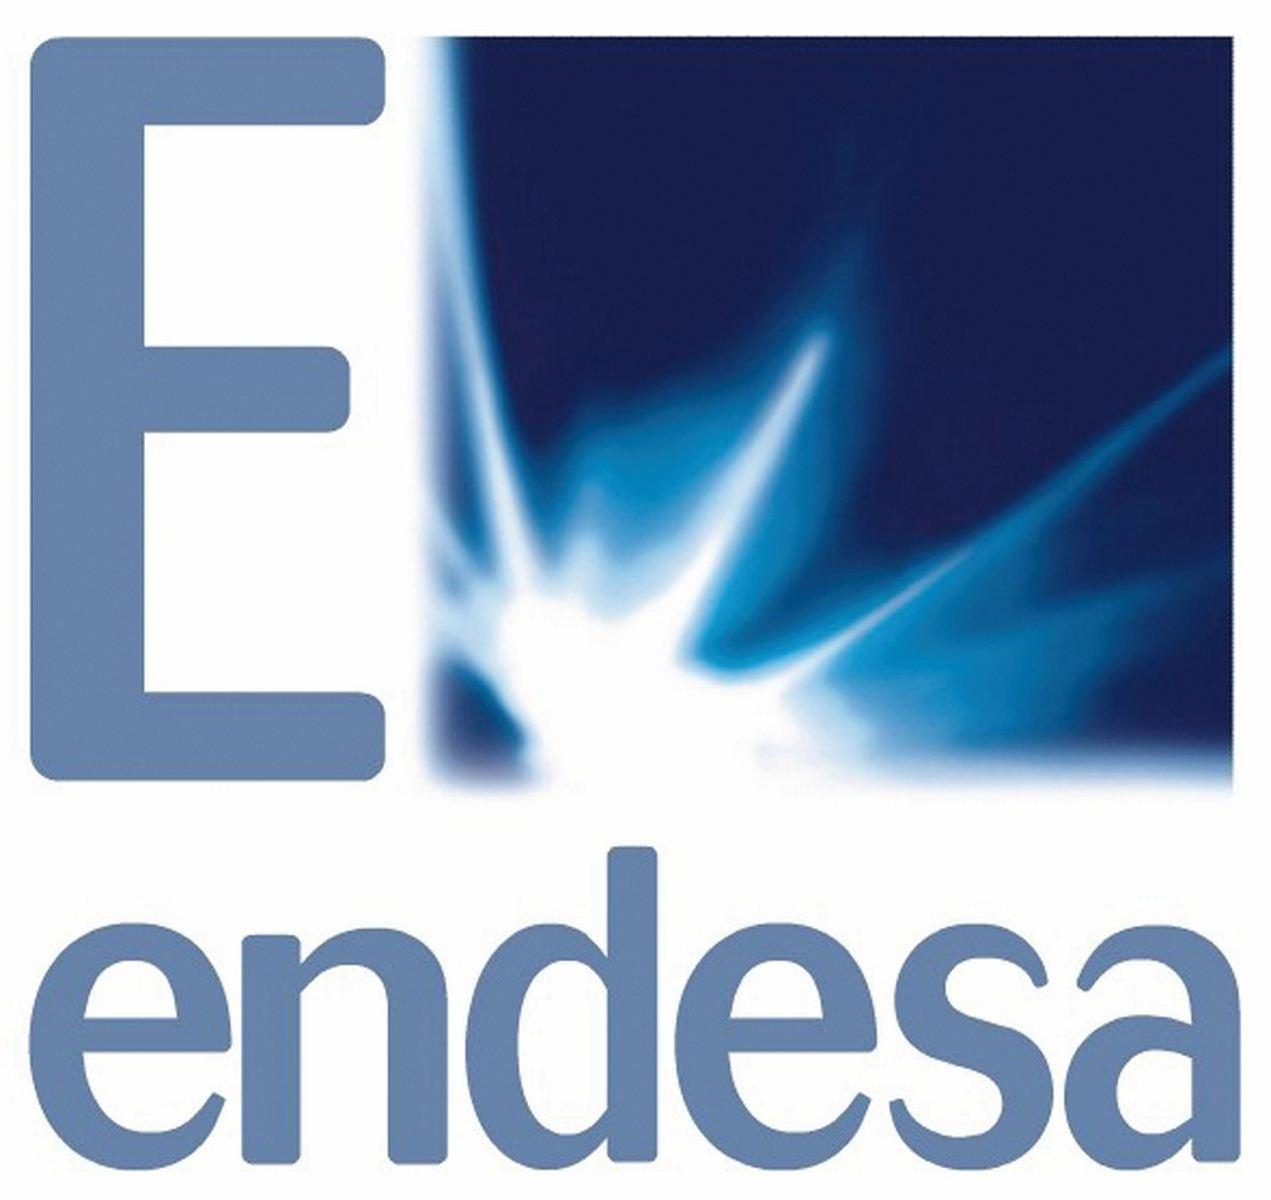 Endesa ha solicitado la admisión a negociación de su nuevo Programa de Pagarés de 3.000 millones de euros